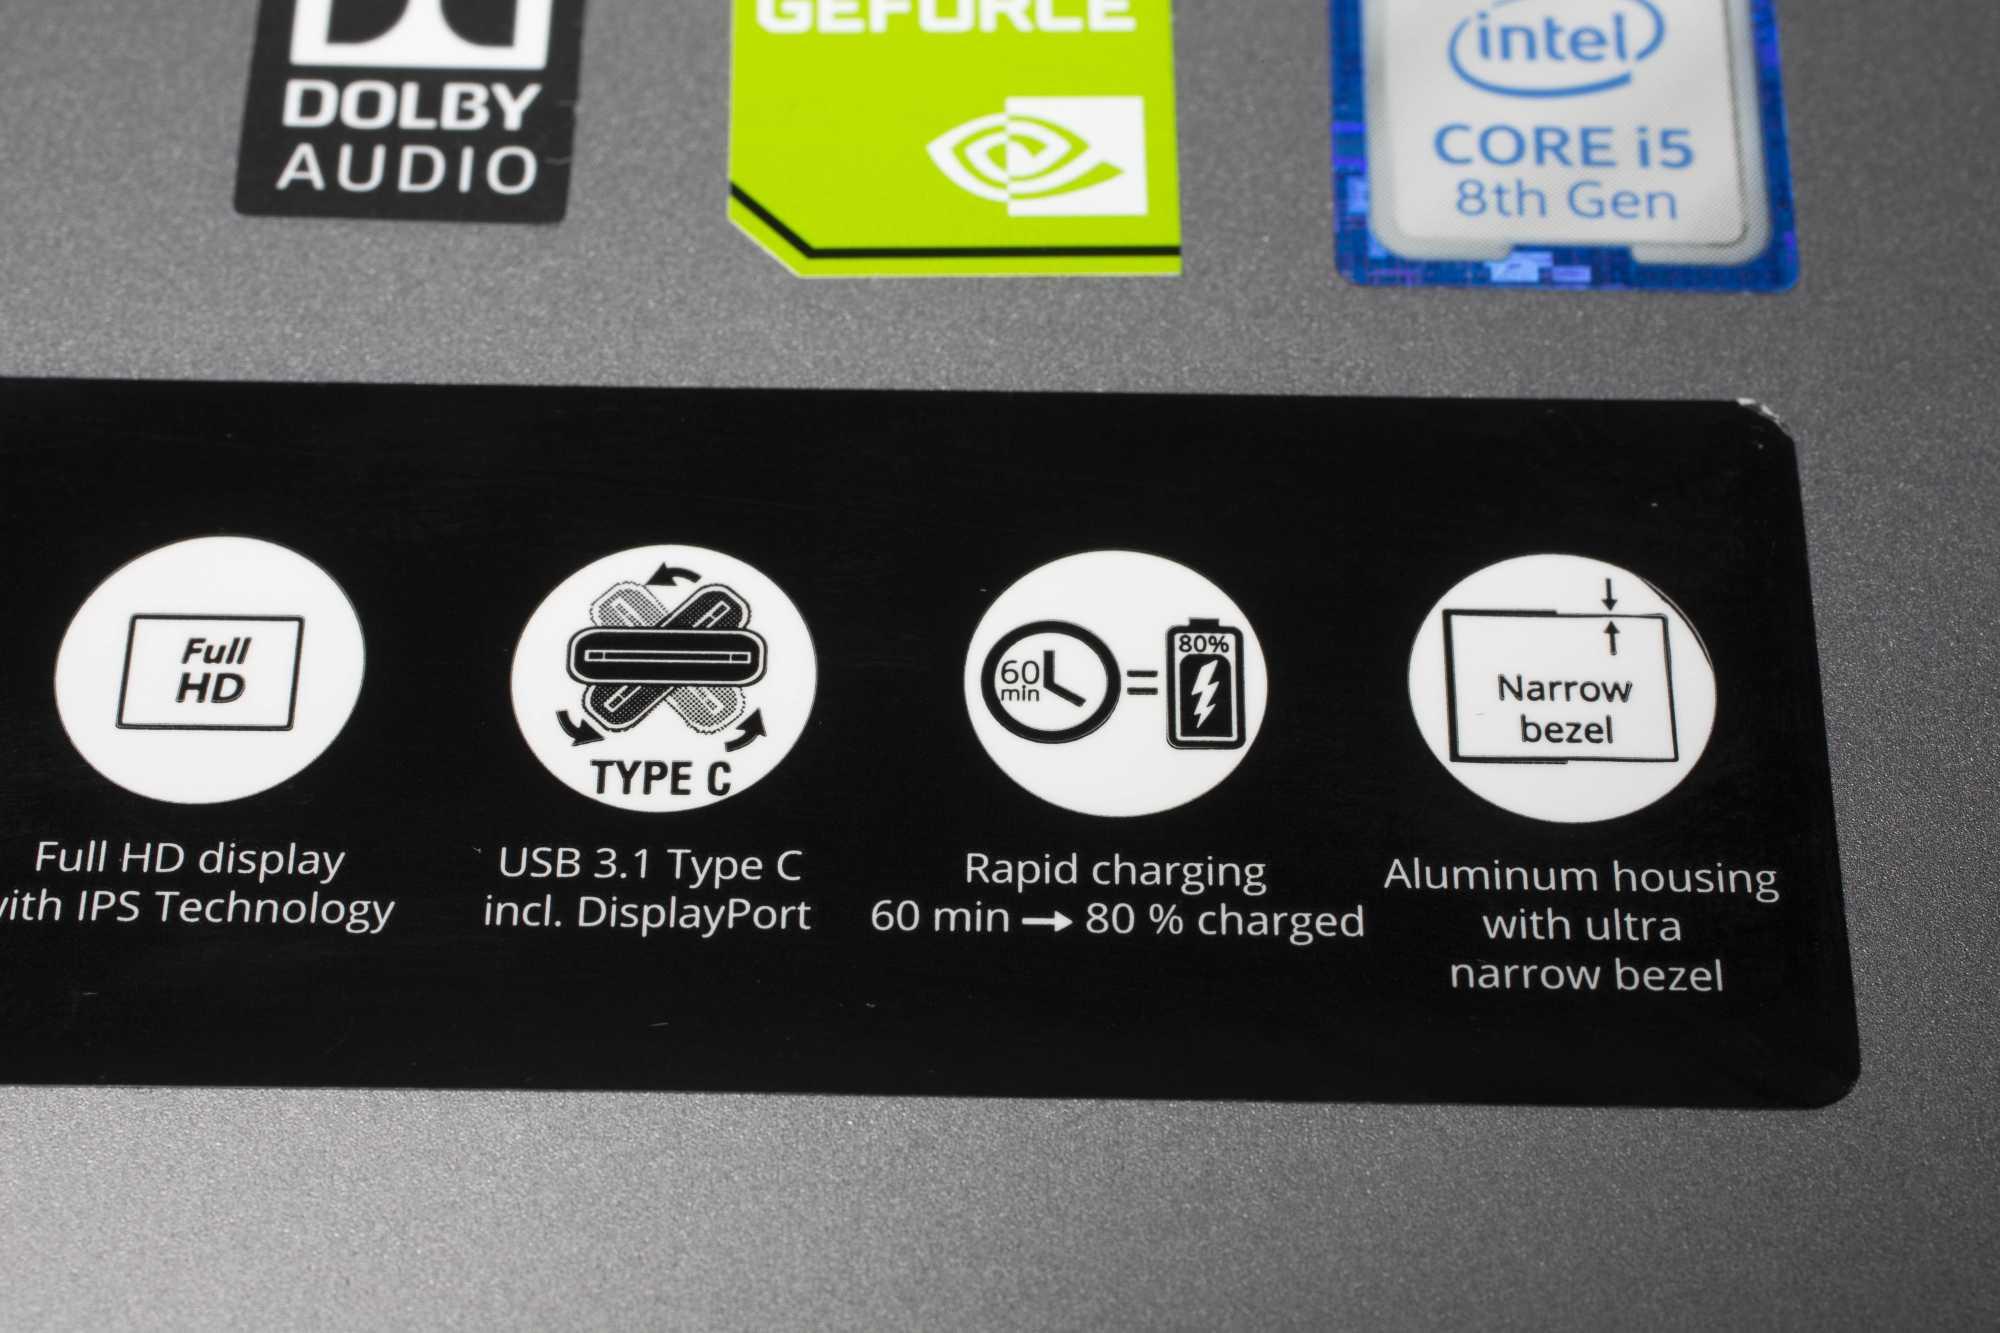 Medion bewirbt die Verdrehsicherheit von USB-C mit einer Propeller-Grafik.